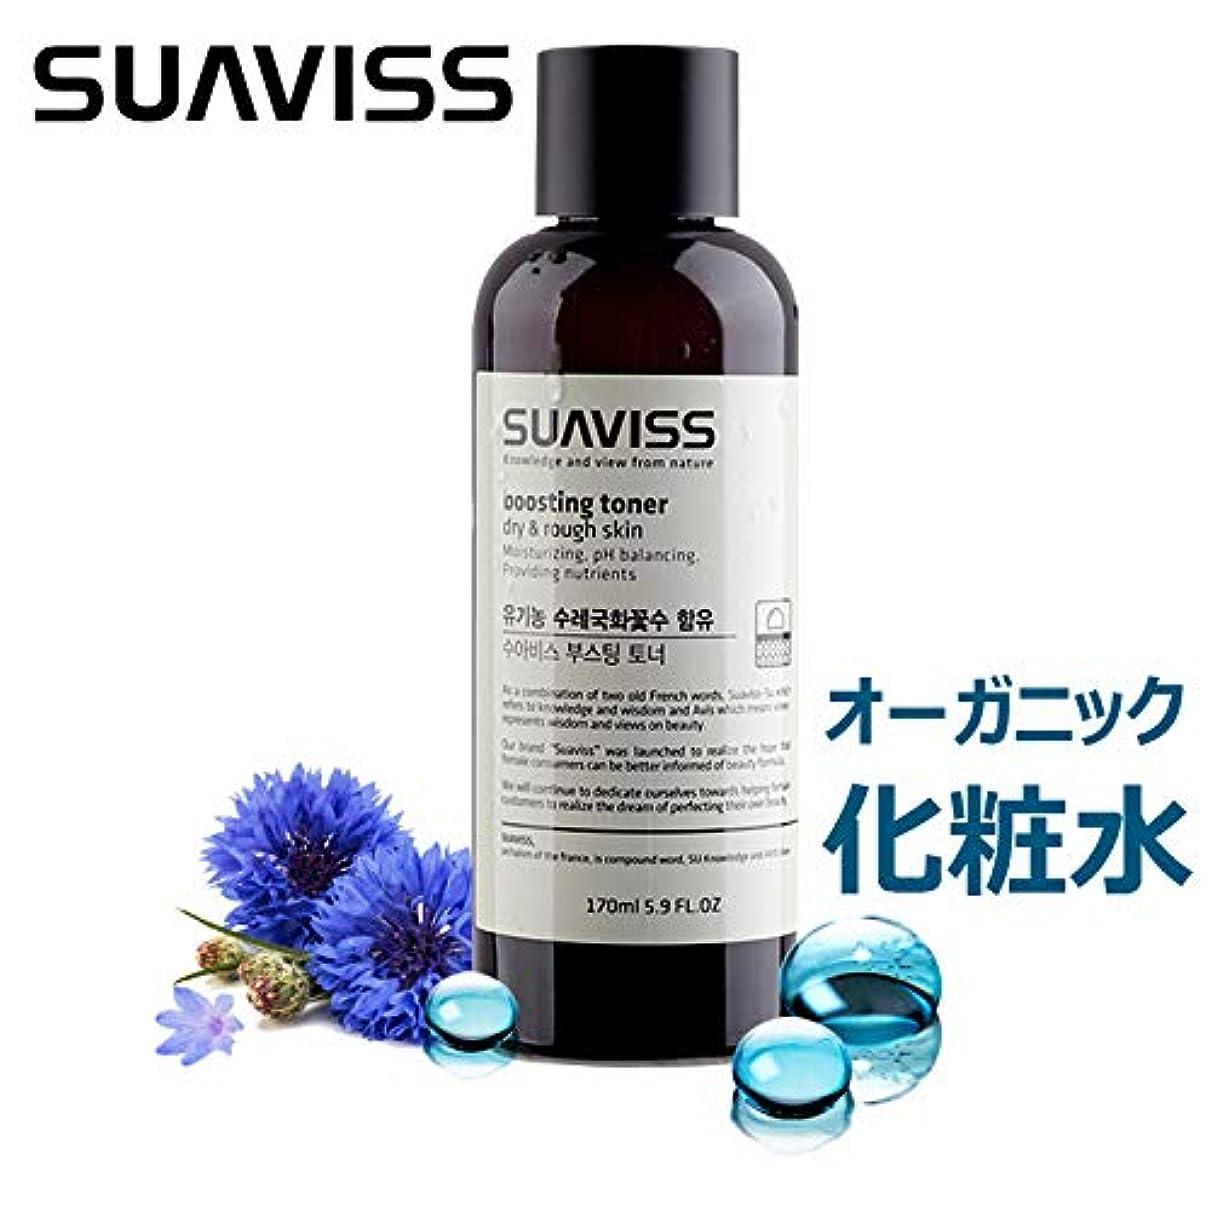 フレット収縮ボーカルスアビス/ブースティング/化粧水 水分 供給 栄養 供給 オーガニック 化粧品 韓国コスメ 乾燥肌用